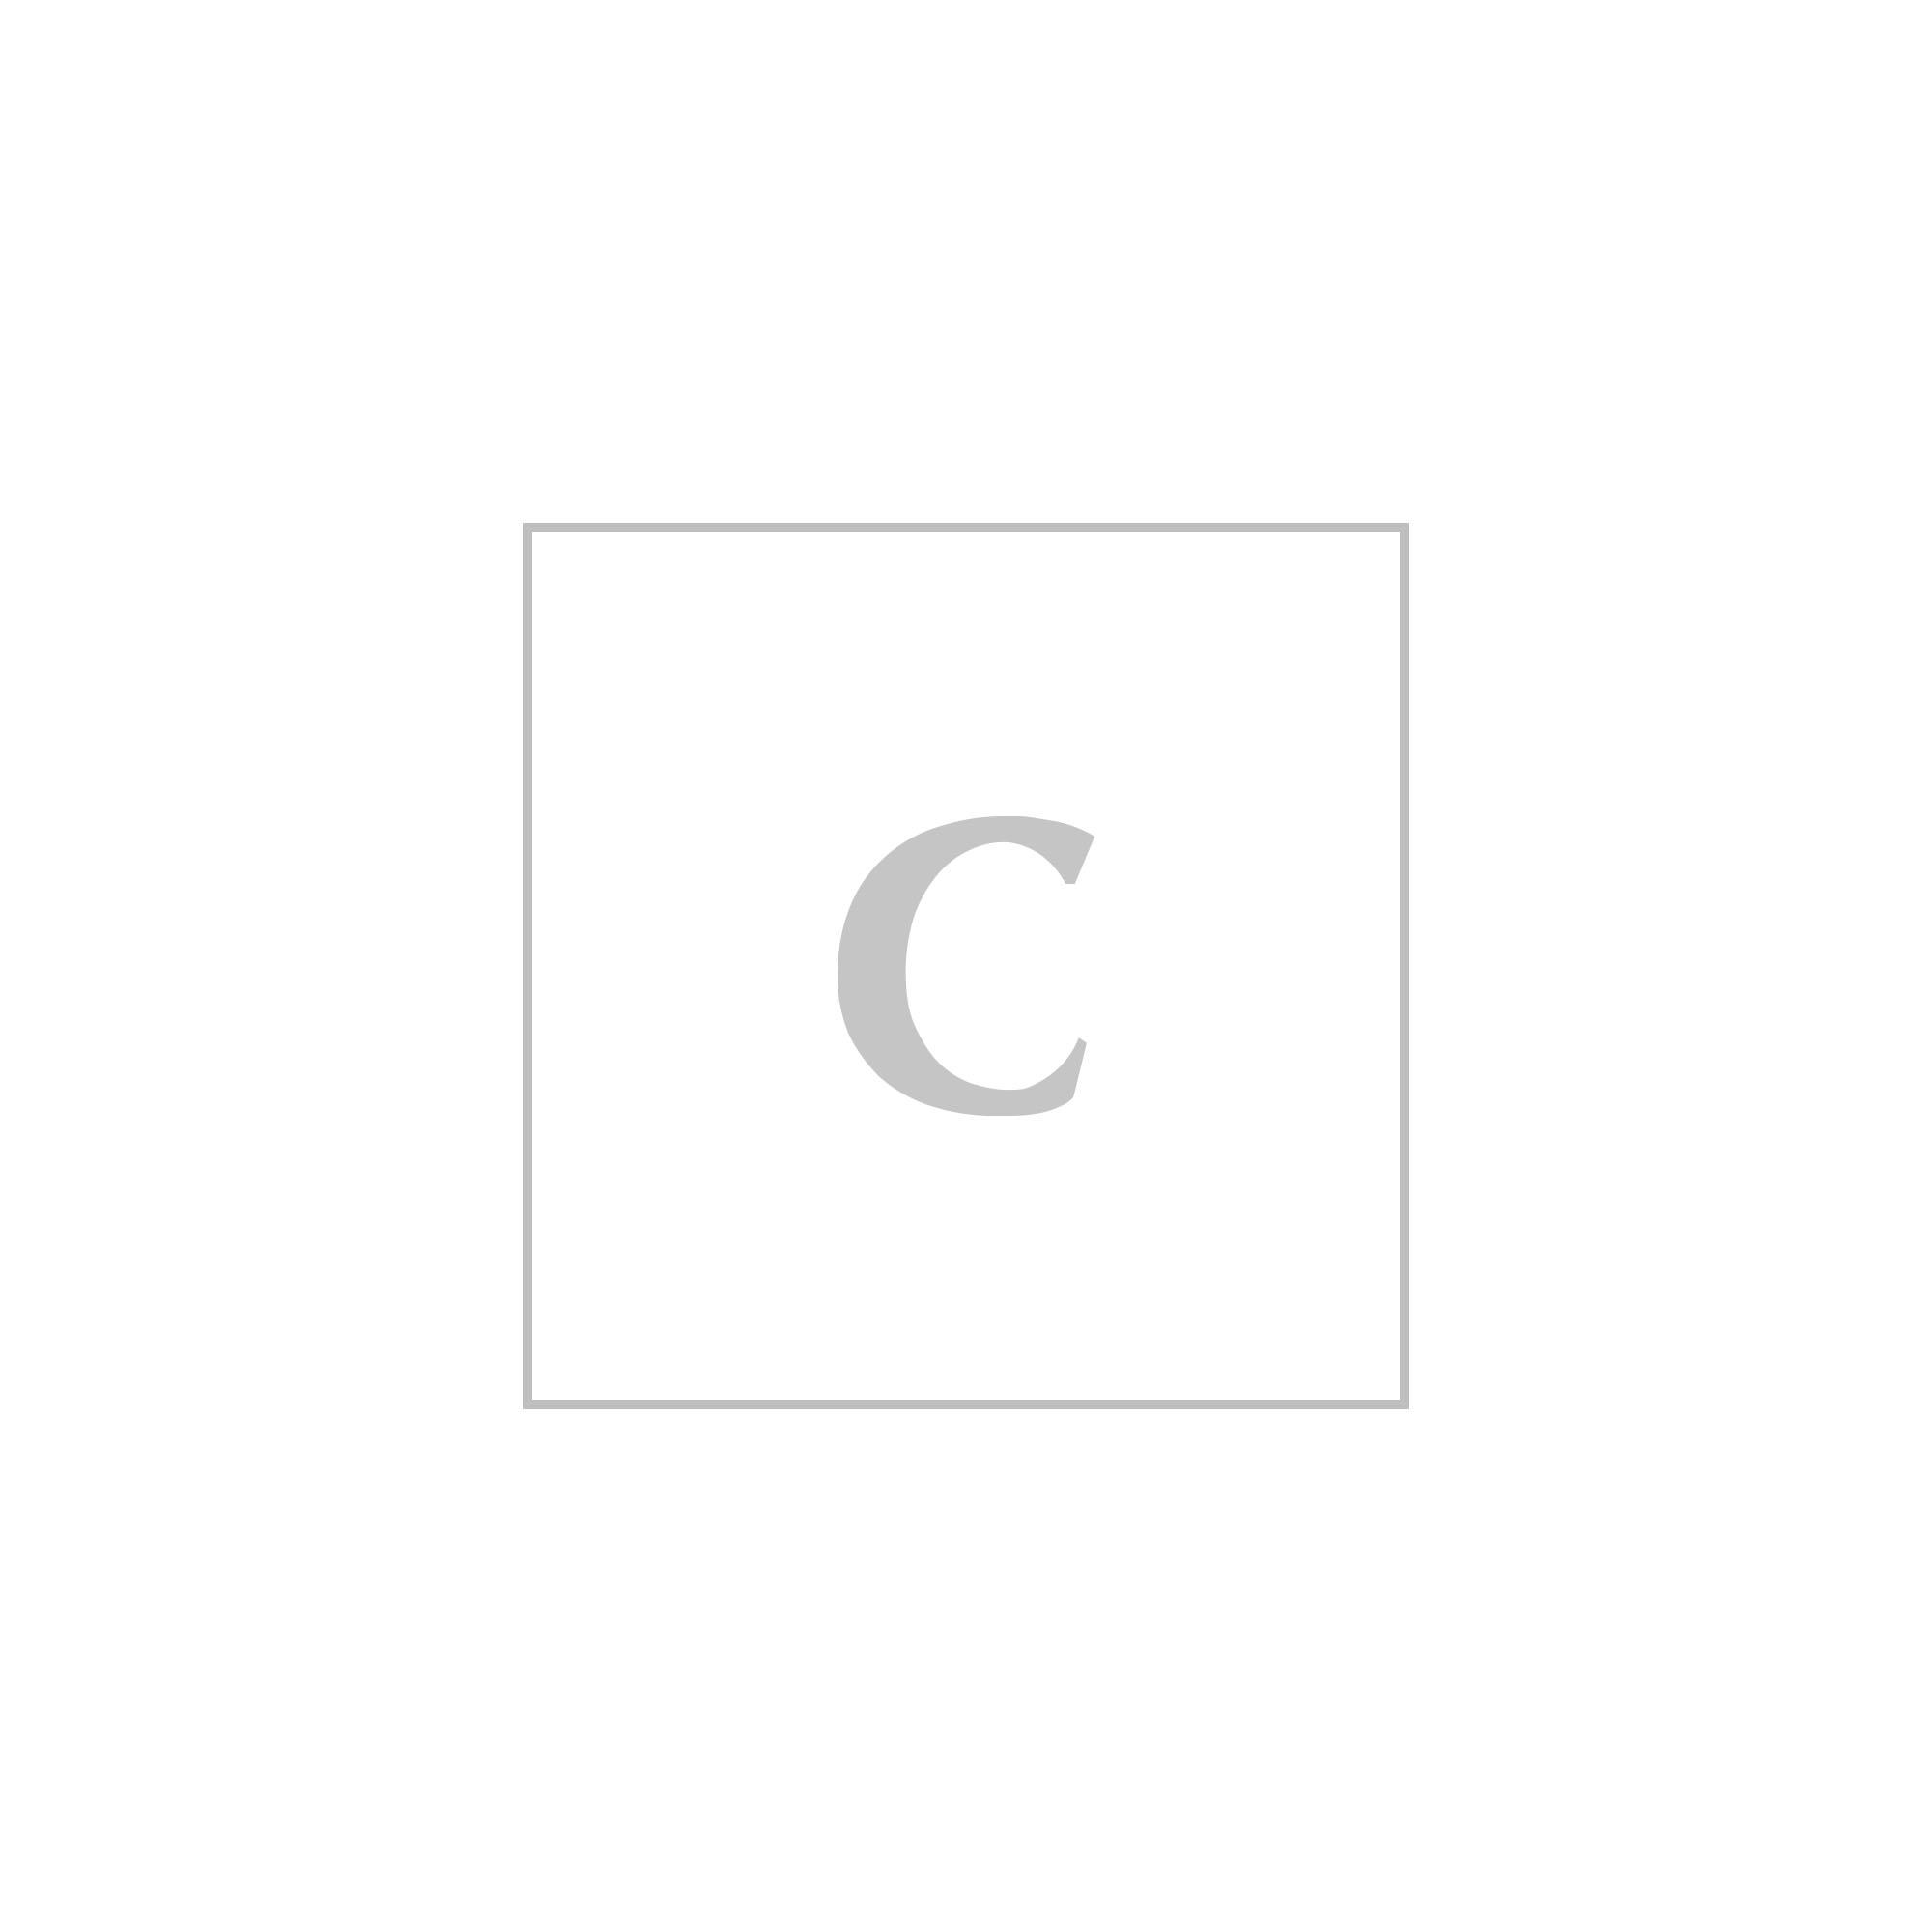 ... usa reduced prada saffiano lux galleria bag ec2c4 202ec uk availability  6a051 46771 . 1da3bf5b88765